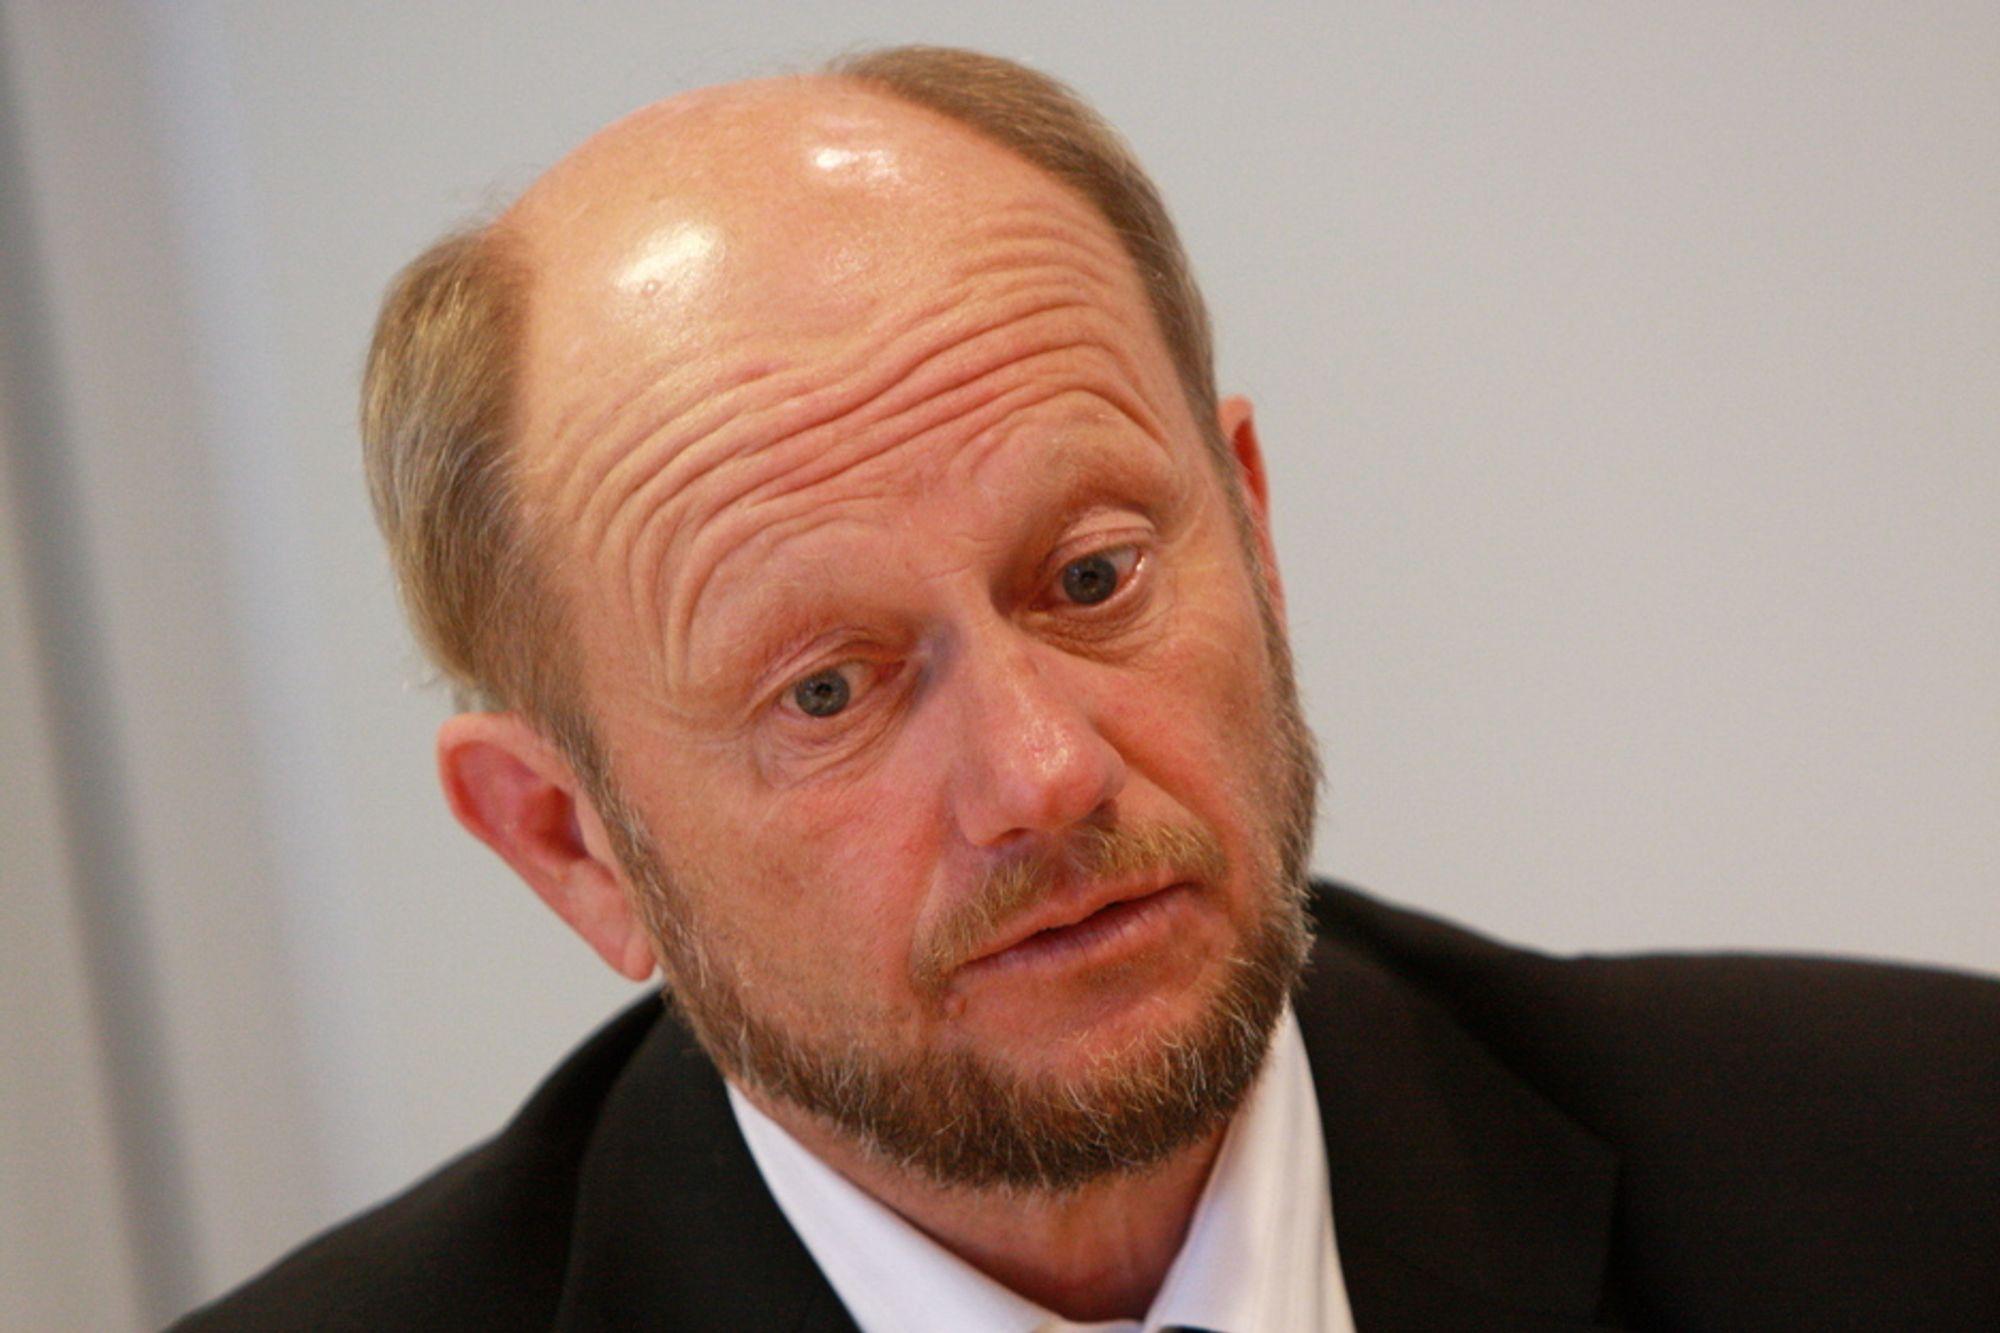 VIL SIKRE INDUSTRIFREMTIDEN: Direktør Stein Lier-Hansen mener et klimatiltaksfond kan trygge norske industriarbeidsplasser.